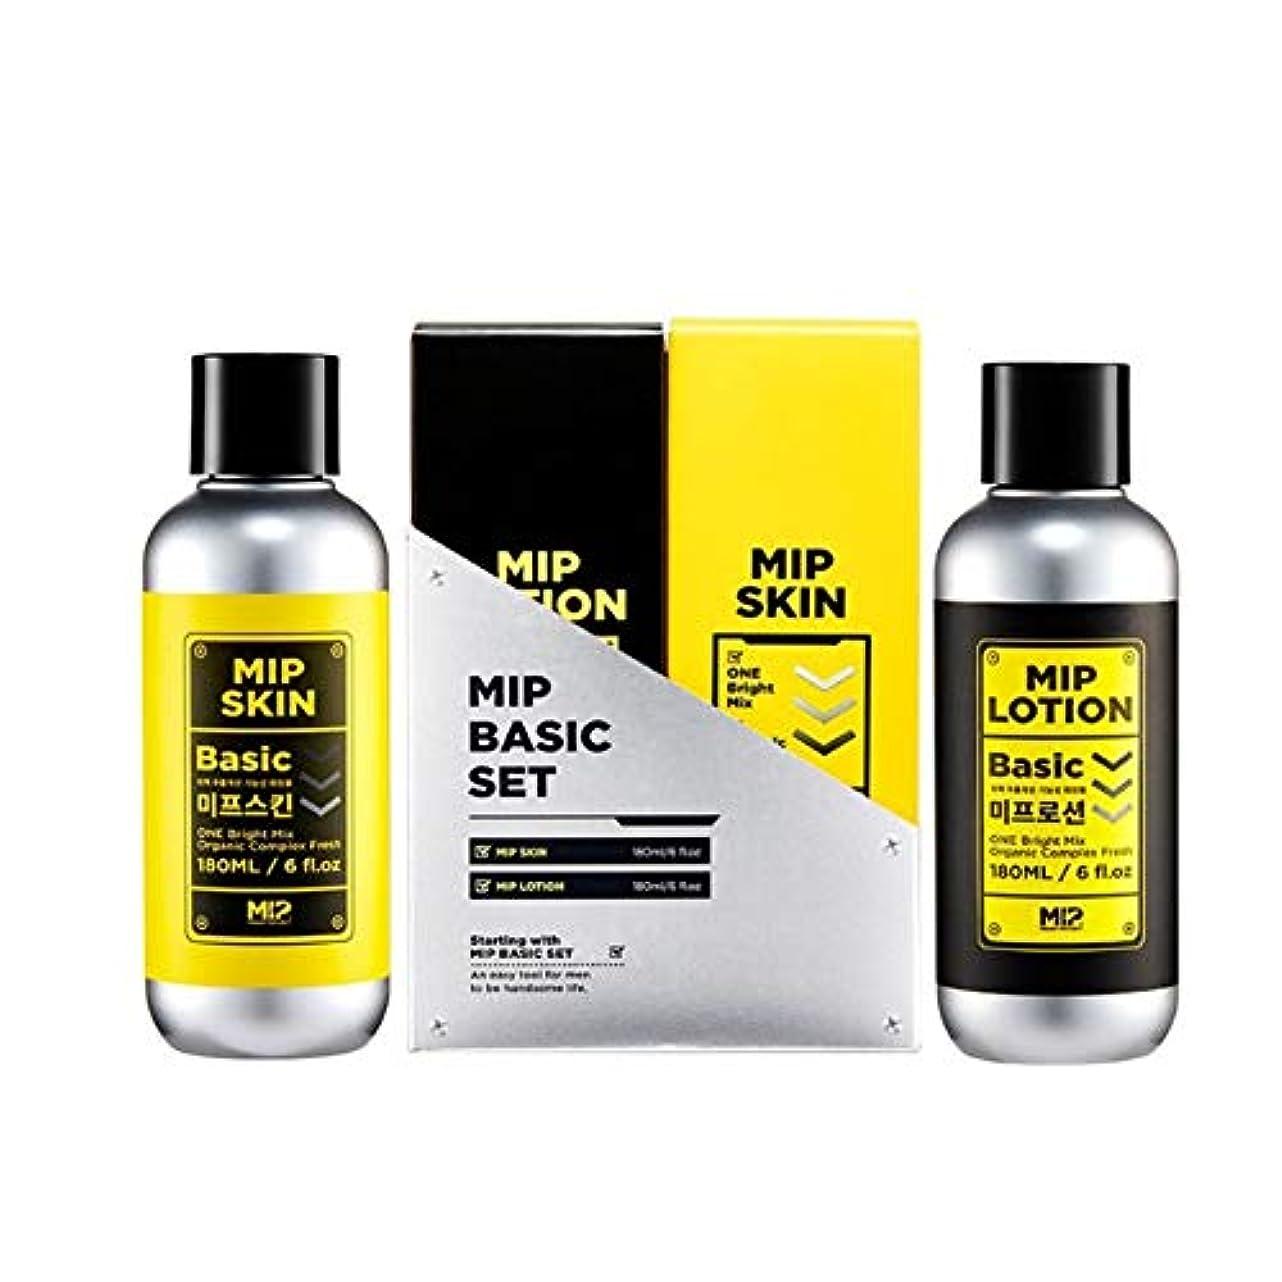 頑固なボウリングウォーターフロントミップスキン180mlローション180mlセットメンズコスメ韓国コスメ、Mip Skin 180ml Lotion 180ml Set Men's Cosmetics Korean Cosmetics [並行輸入品]